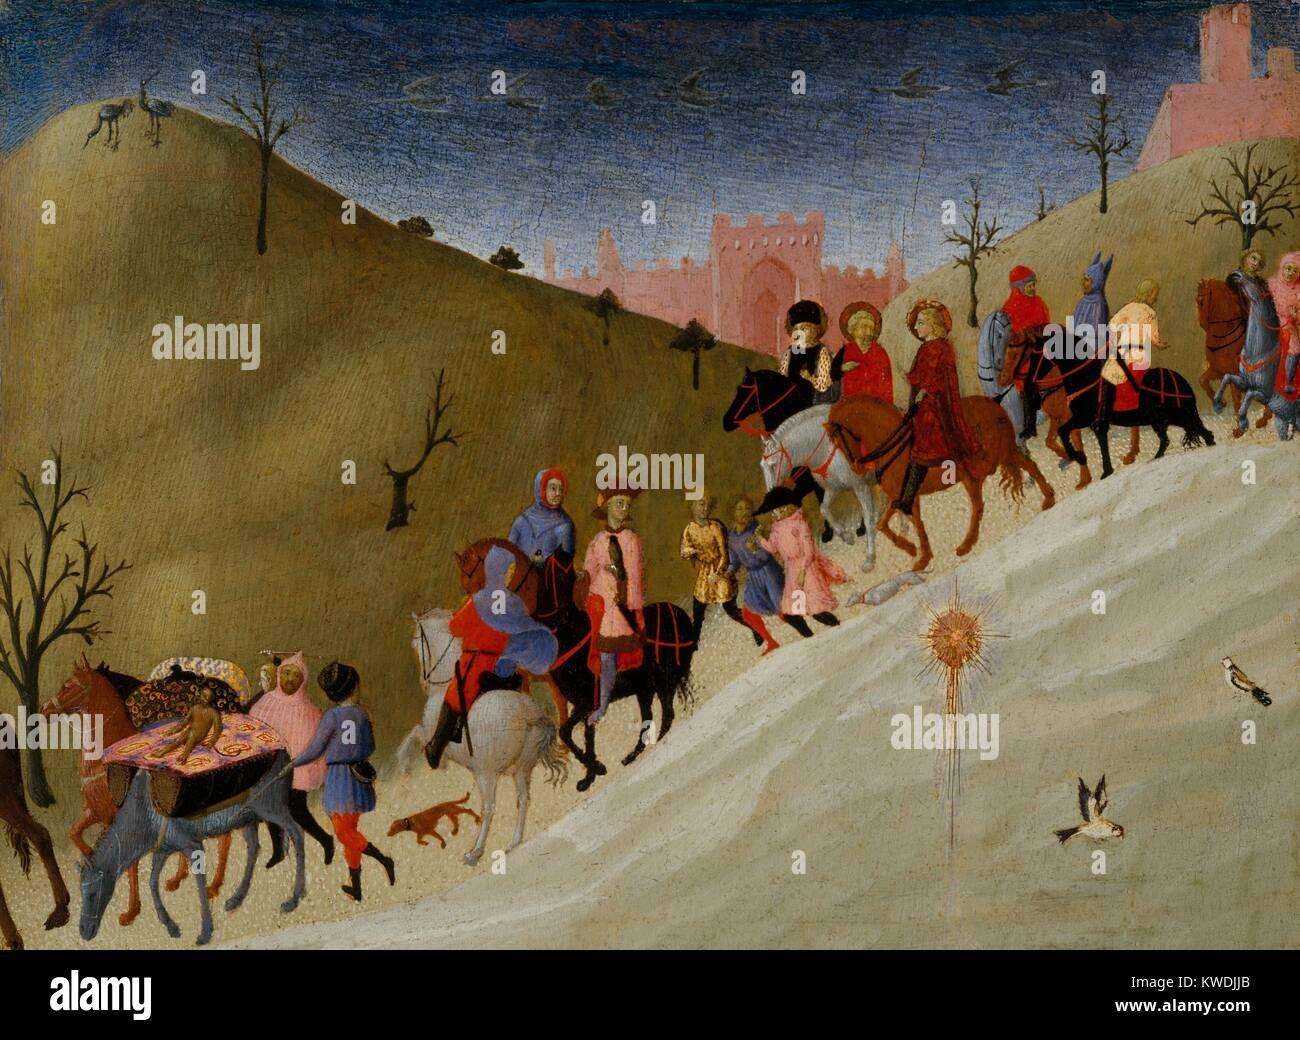 THE JOURNEY OF THE MAGI, by Sassetta, 1433–35, Italian Renaissance painting, tempera, gold on wood. Sassetta was - Stock Image